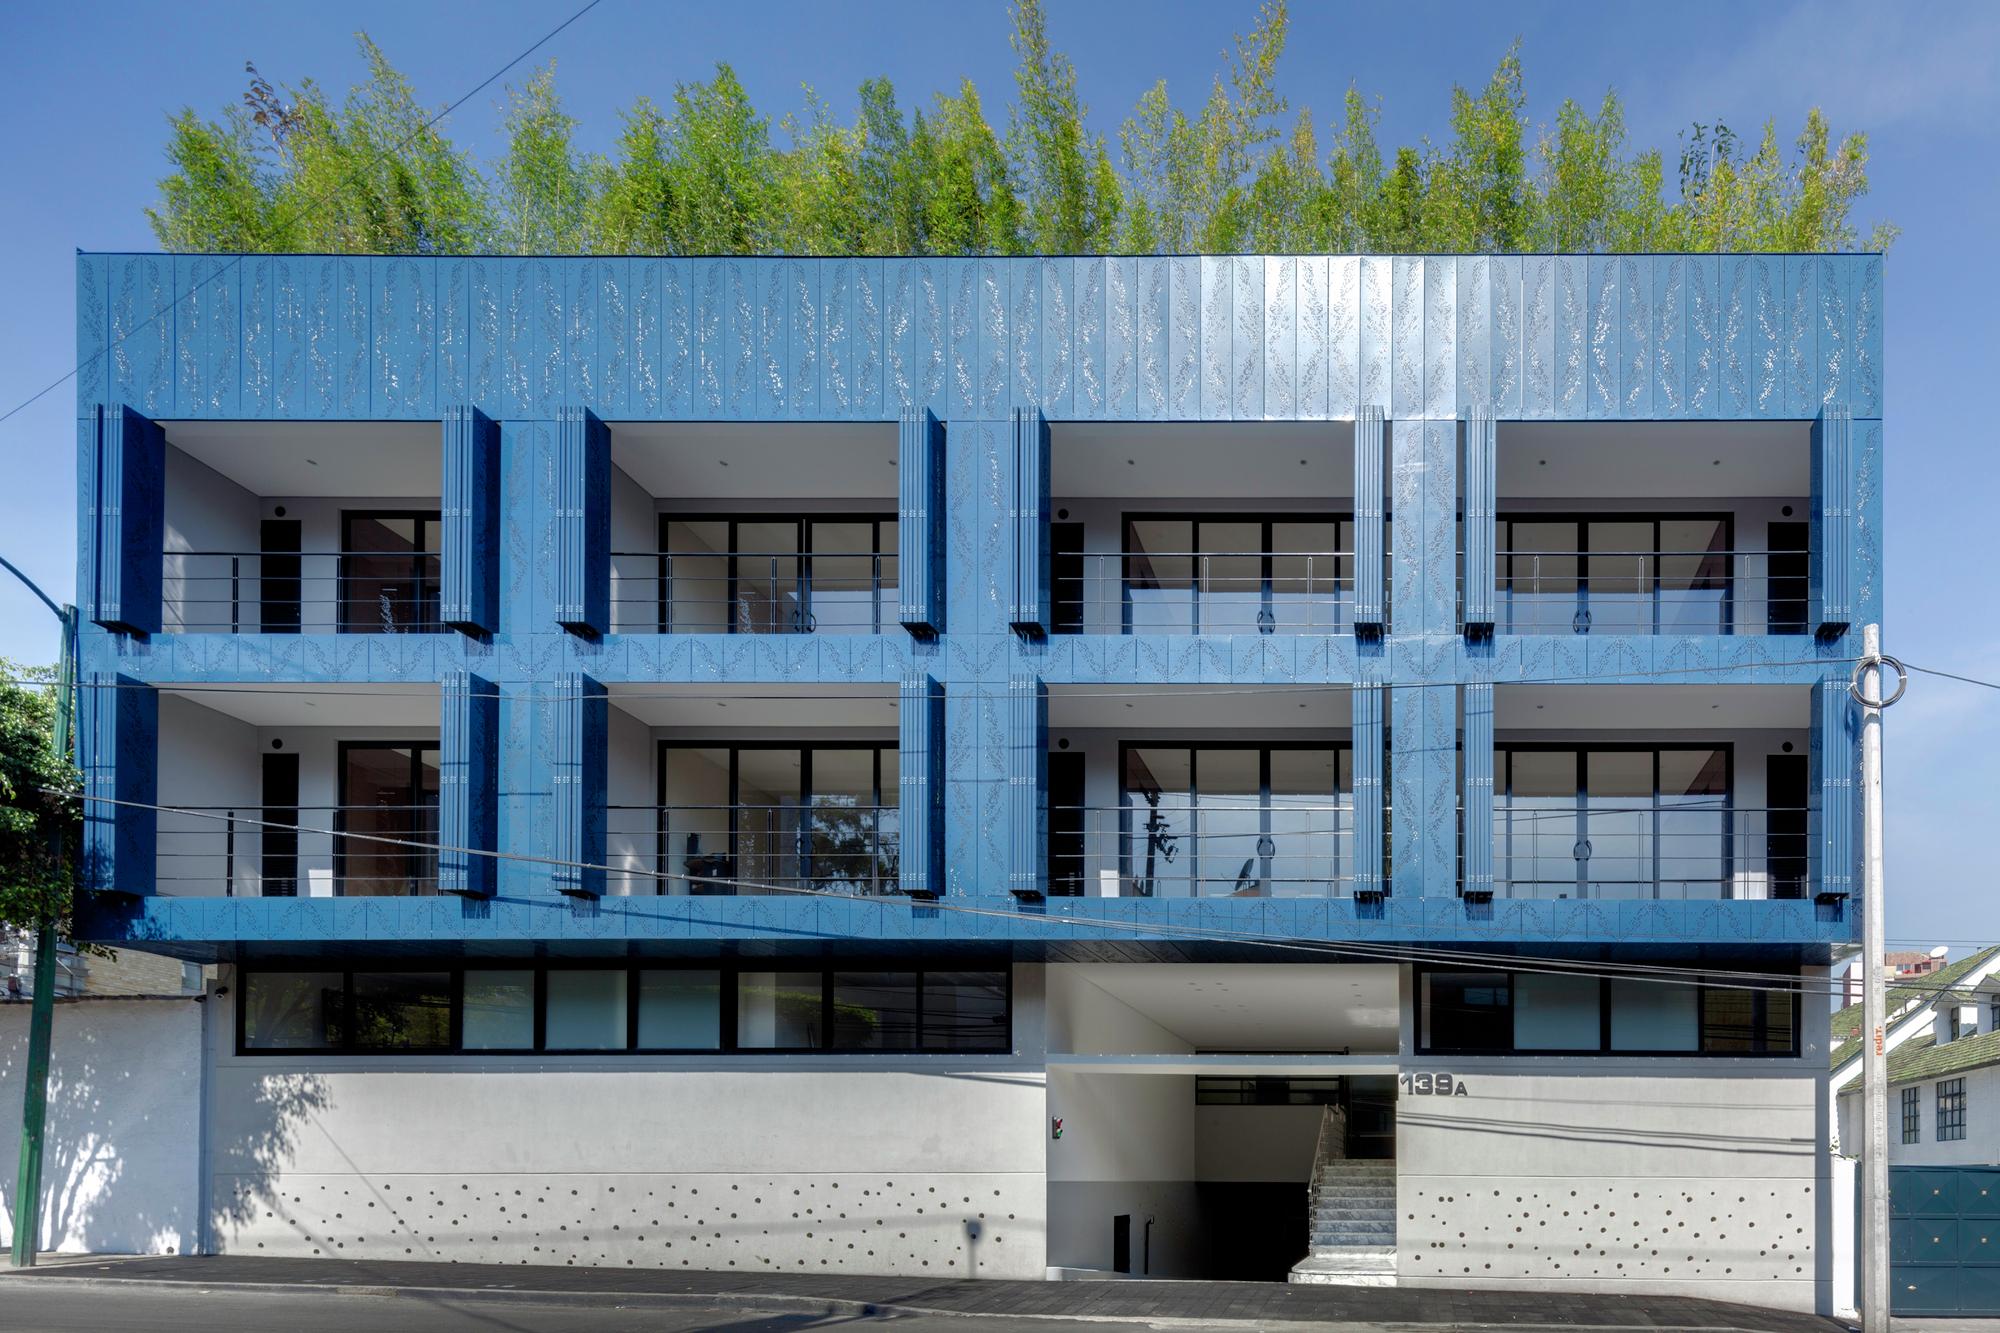 Gallery of tk139 at103 10 - Fachadas edificios modernos ...